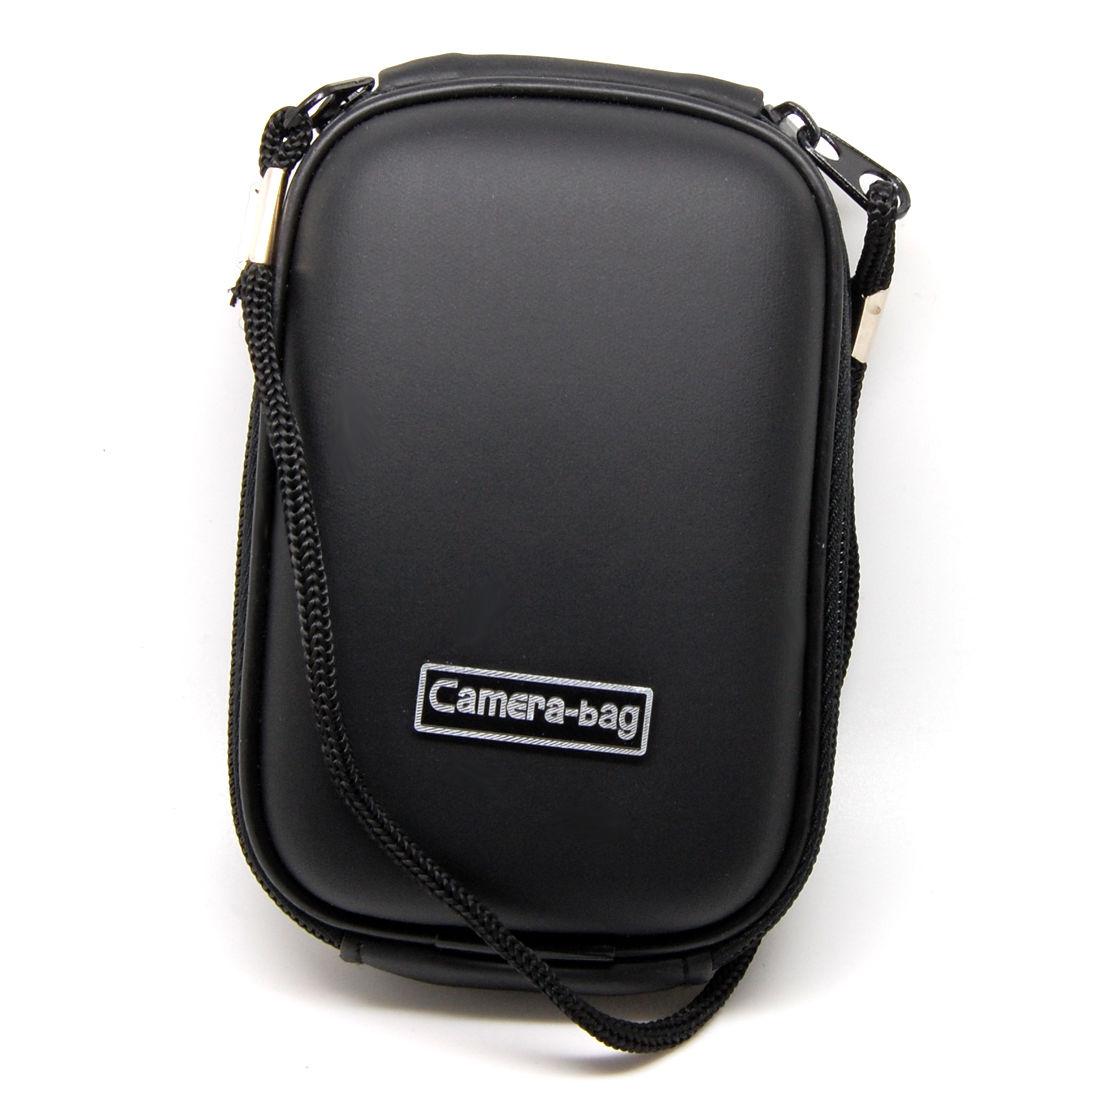 CAMERA CASE BAG FOR Canon powershot SD4500 sd3500 SD4000 SD3500 SD1400 a3200_SA()